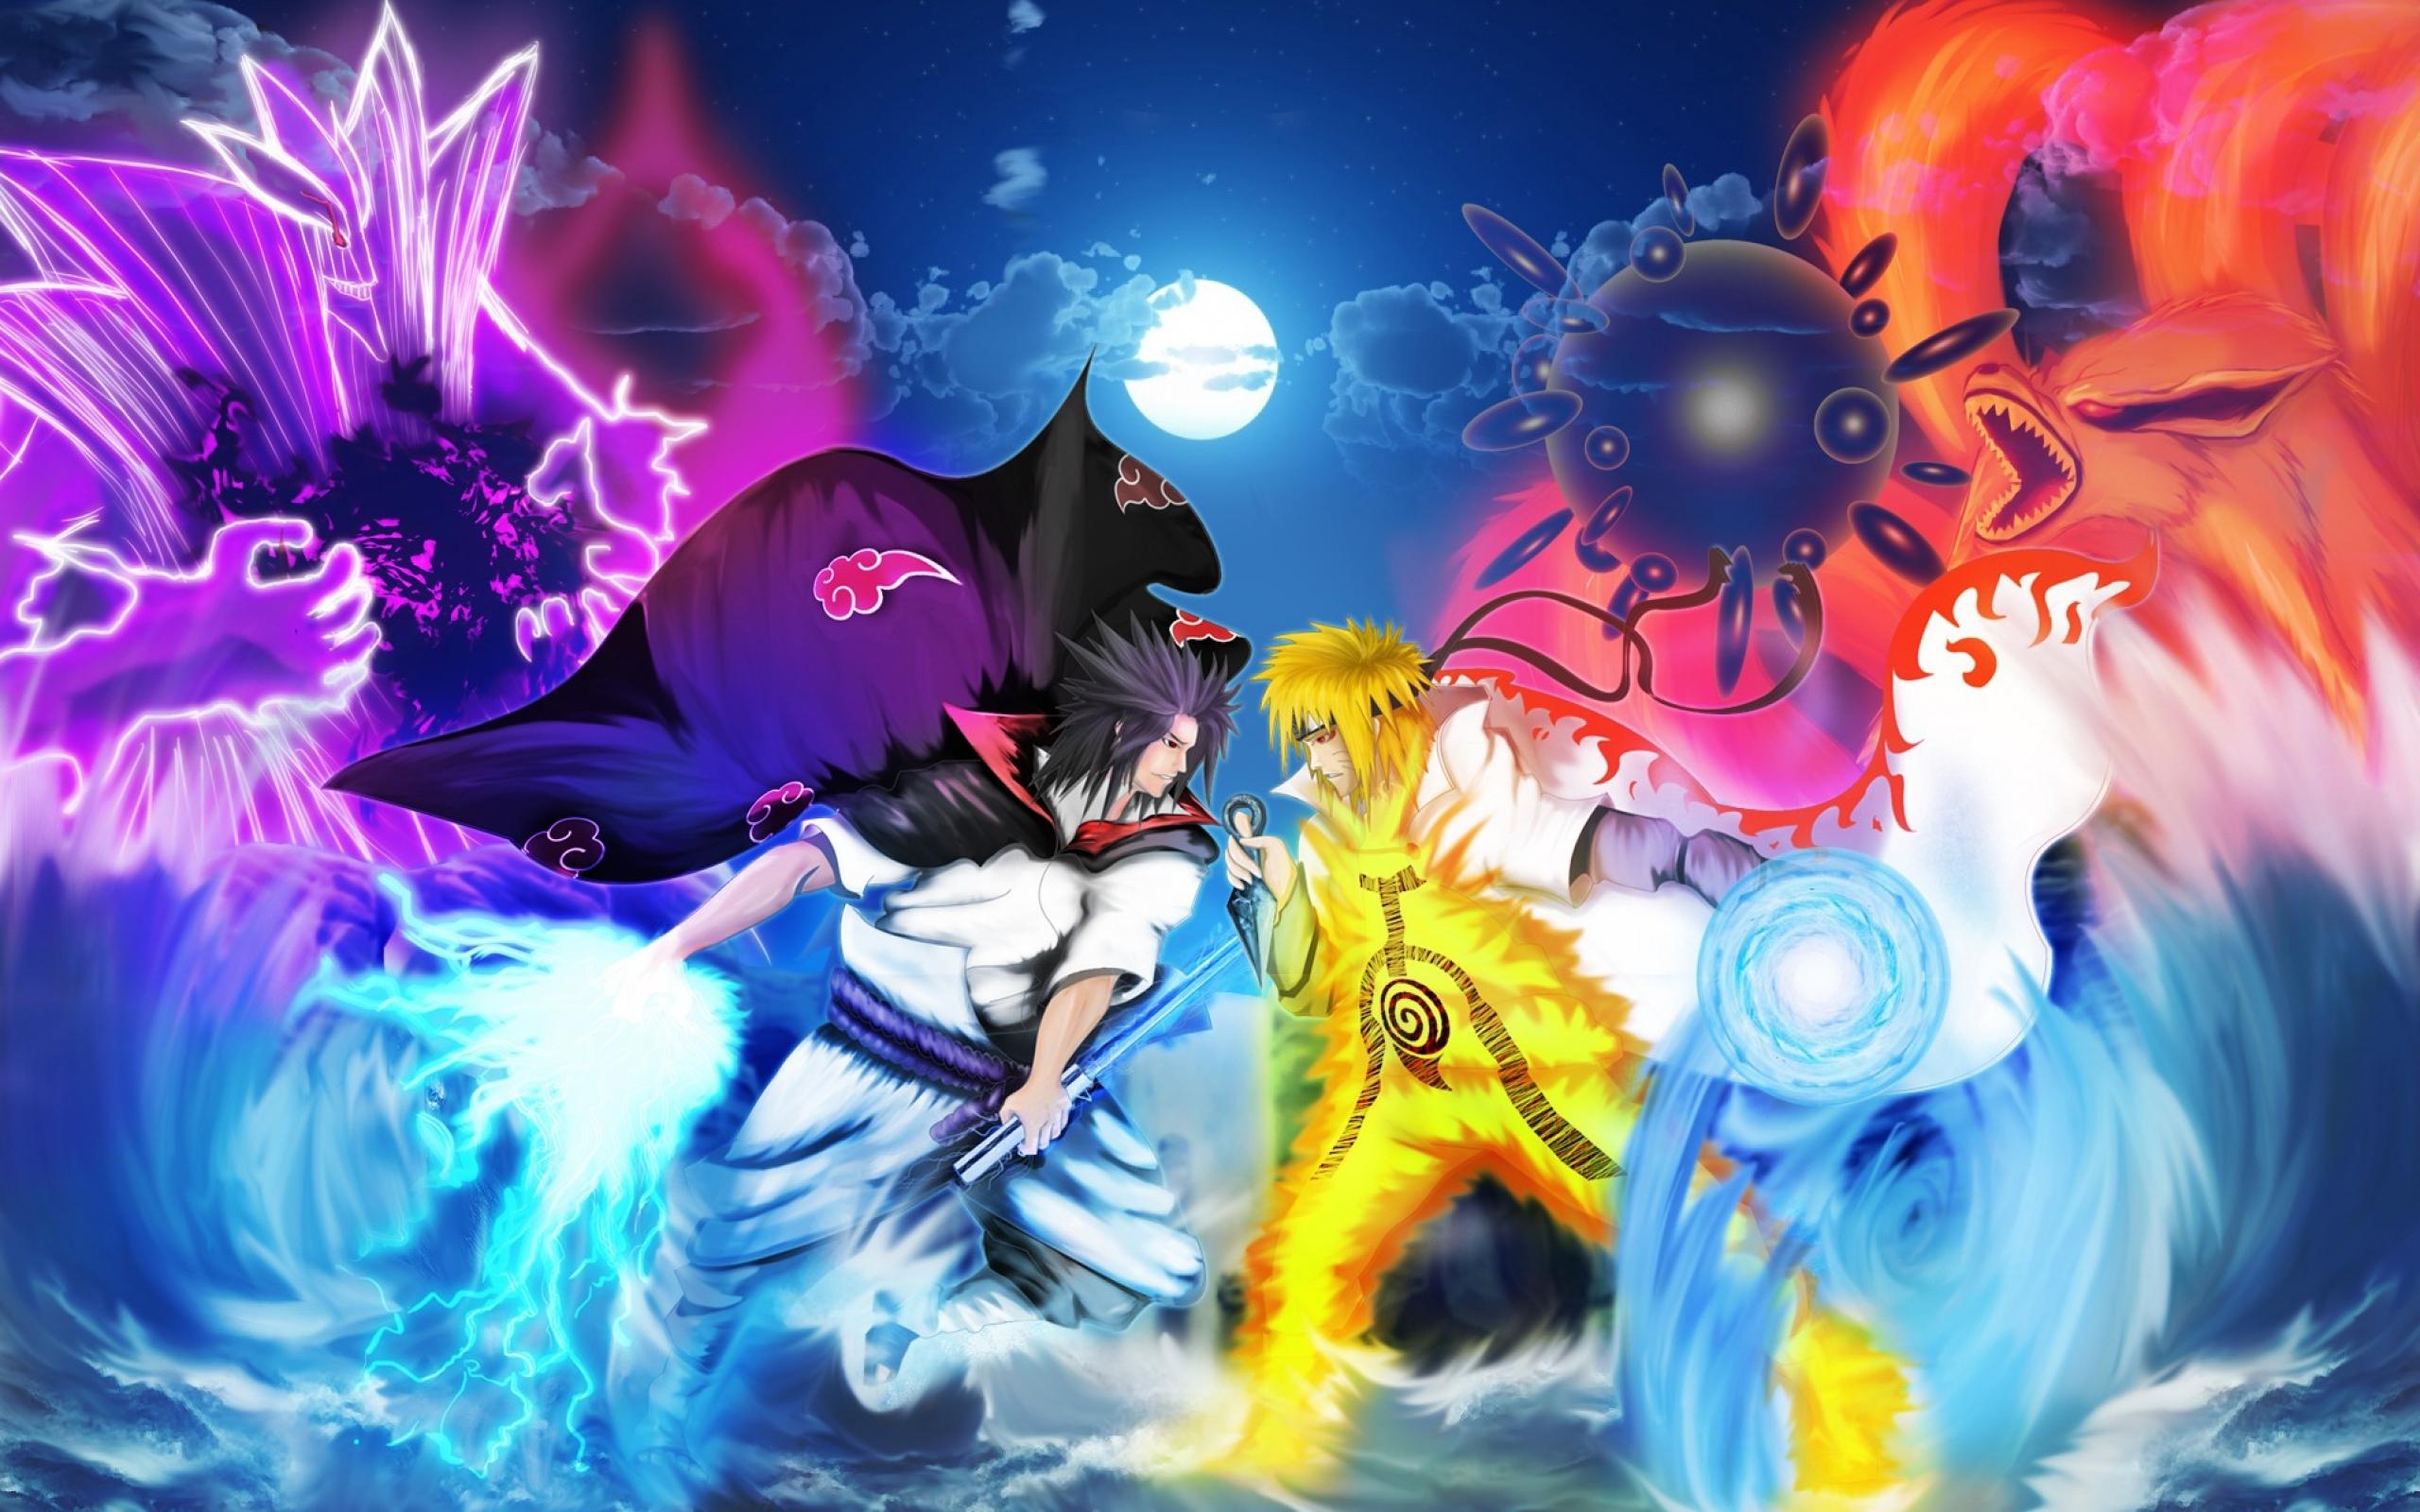 anime naruto vs sasuke wallpaper hd - http://imashon/w/anime